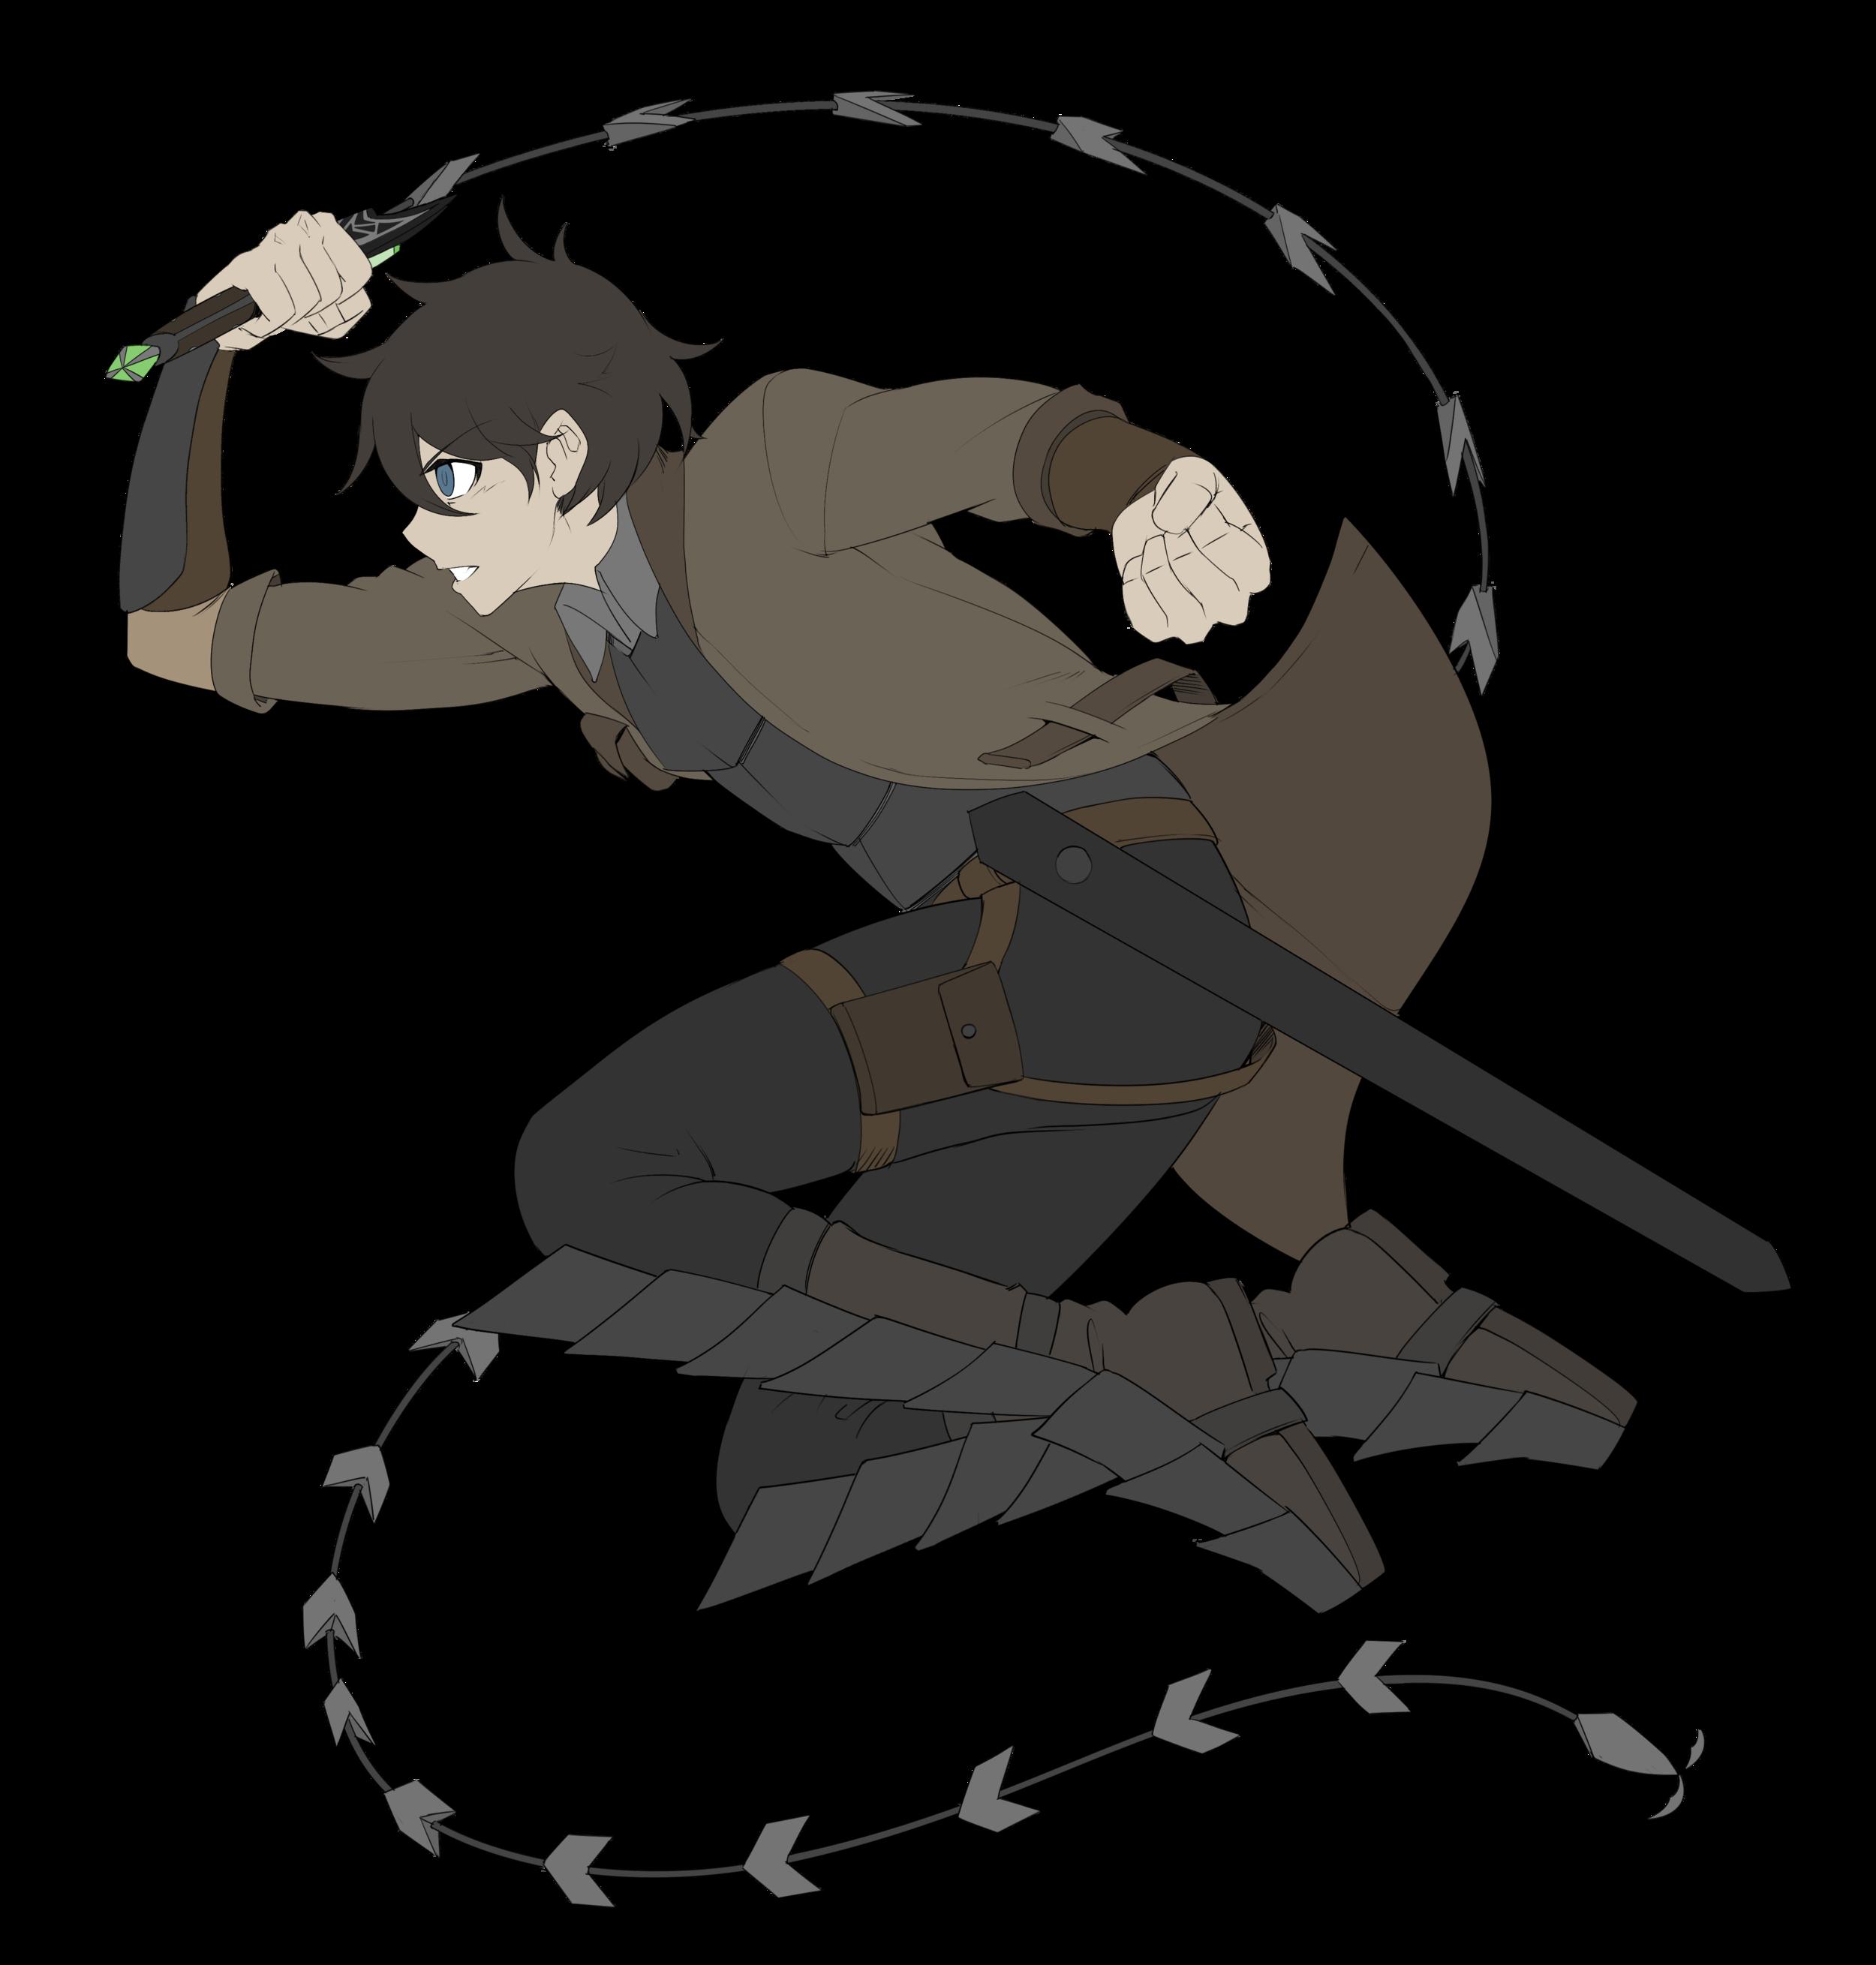 Tetsuo Akizuki - The Rising Warrior